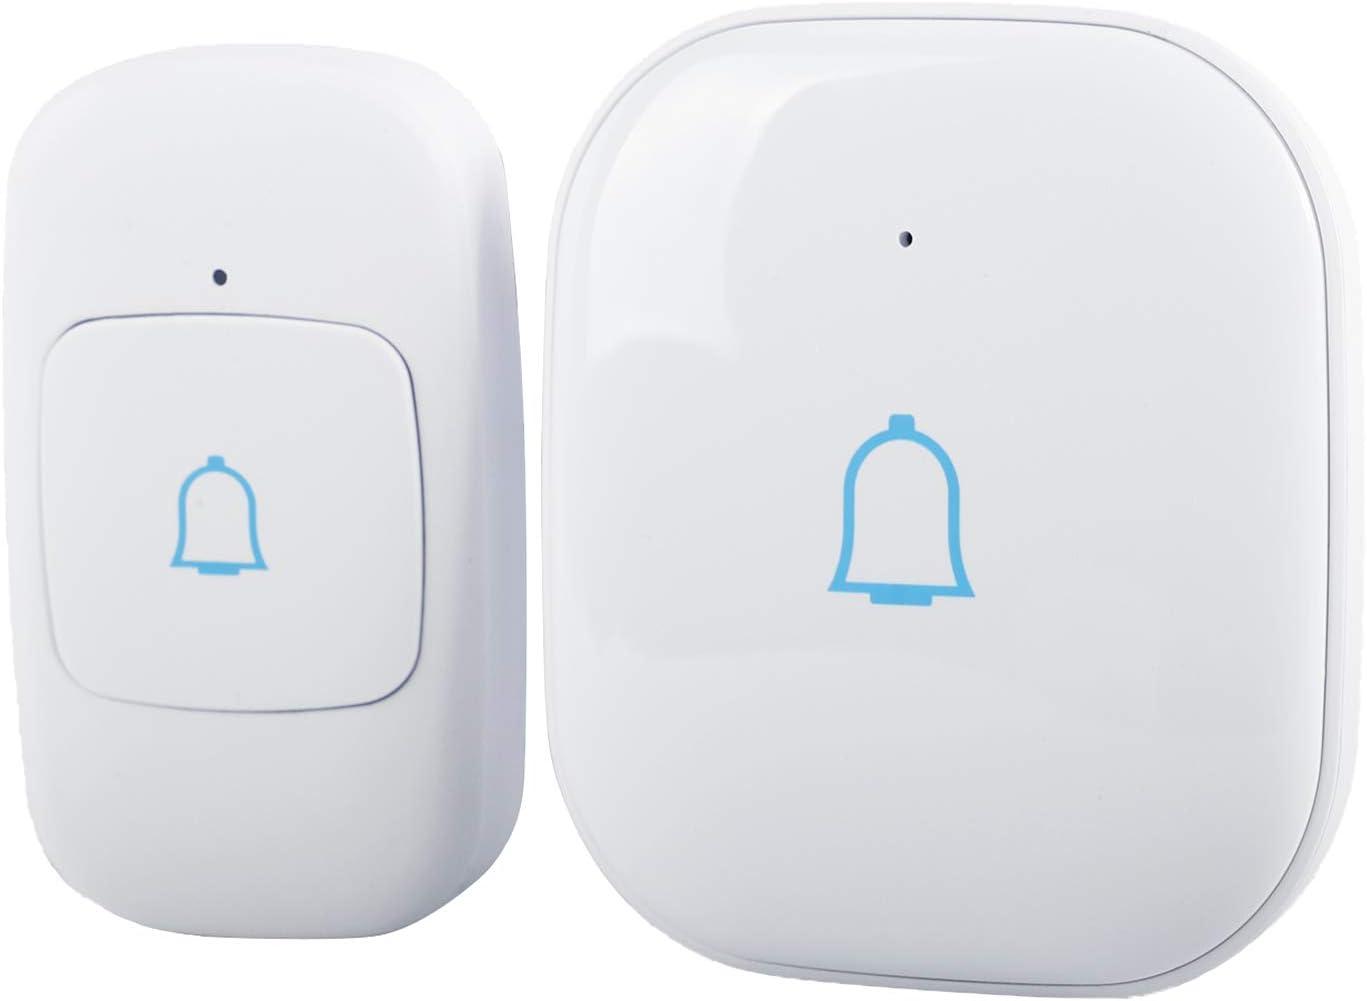 Wireless Doorbell – Waterproof Door Bells & Chimes – Over 1000-Foot Range, 52 Door Bell Chime, 4 Volume Levels with LED Flash – Wireless Doorbells for Home – Waterproof Model C (MBlack) (White)